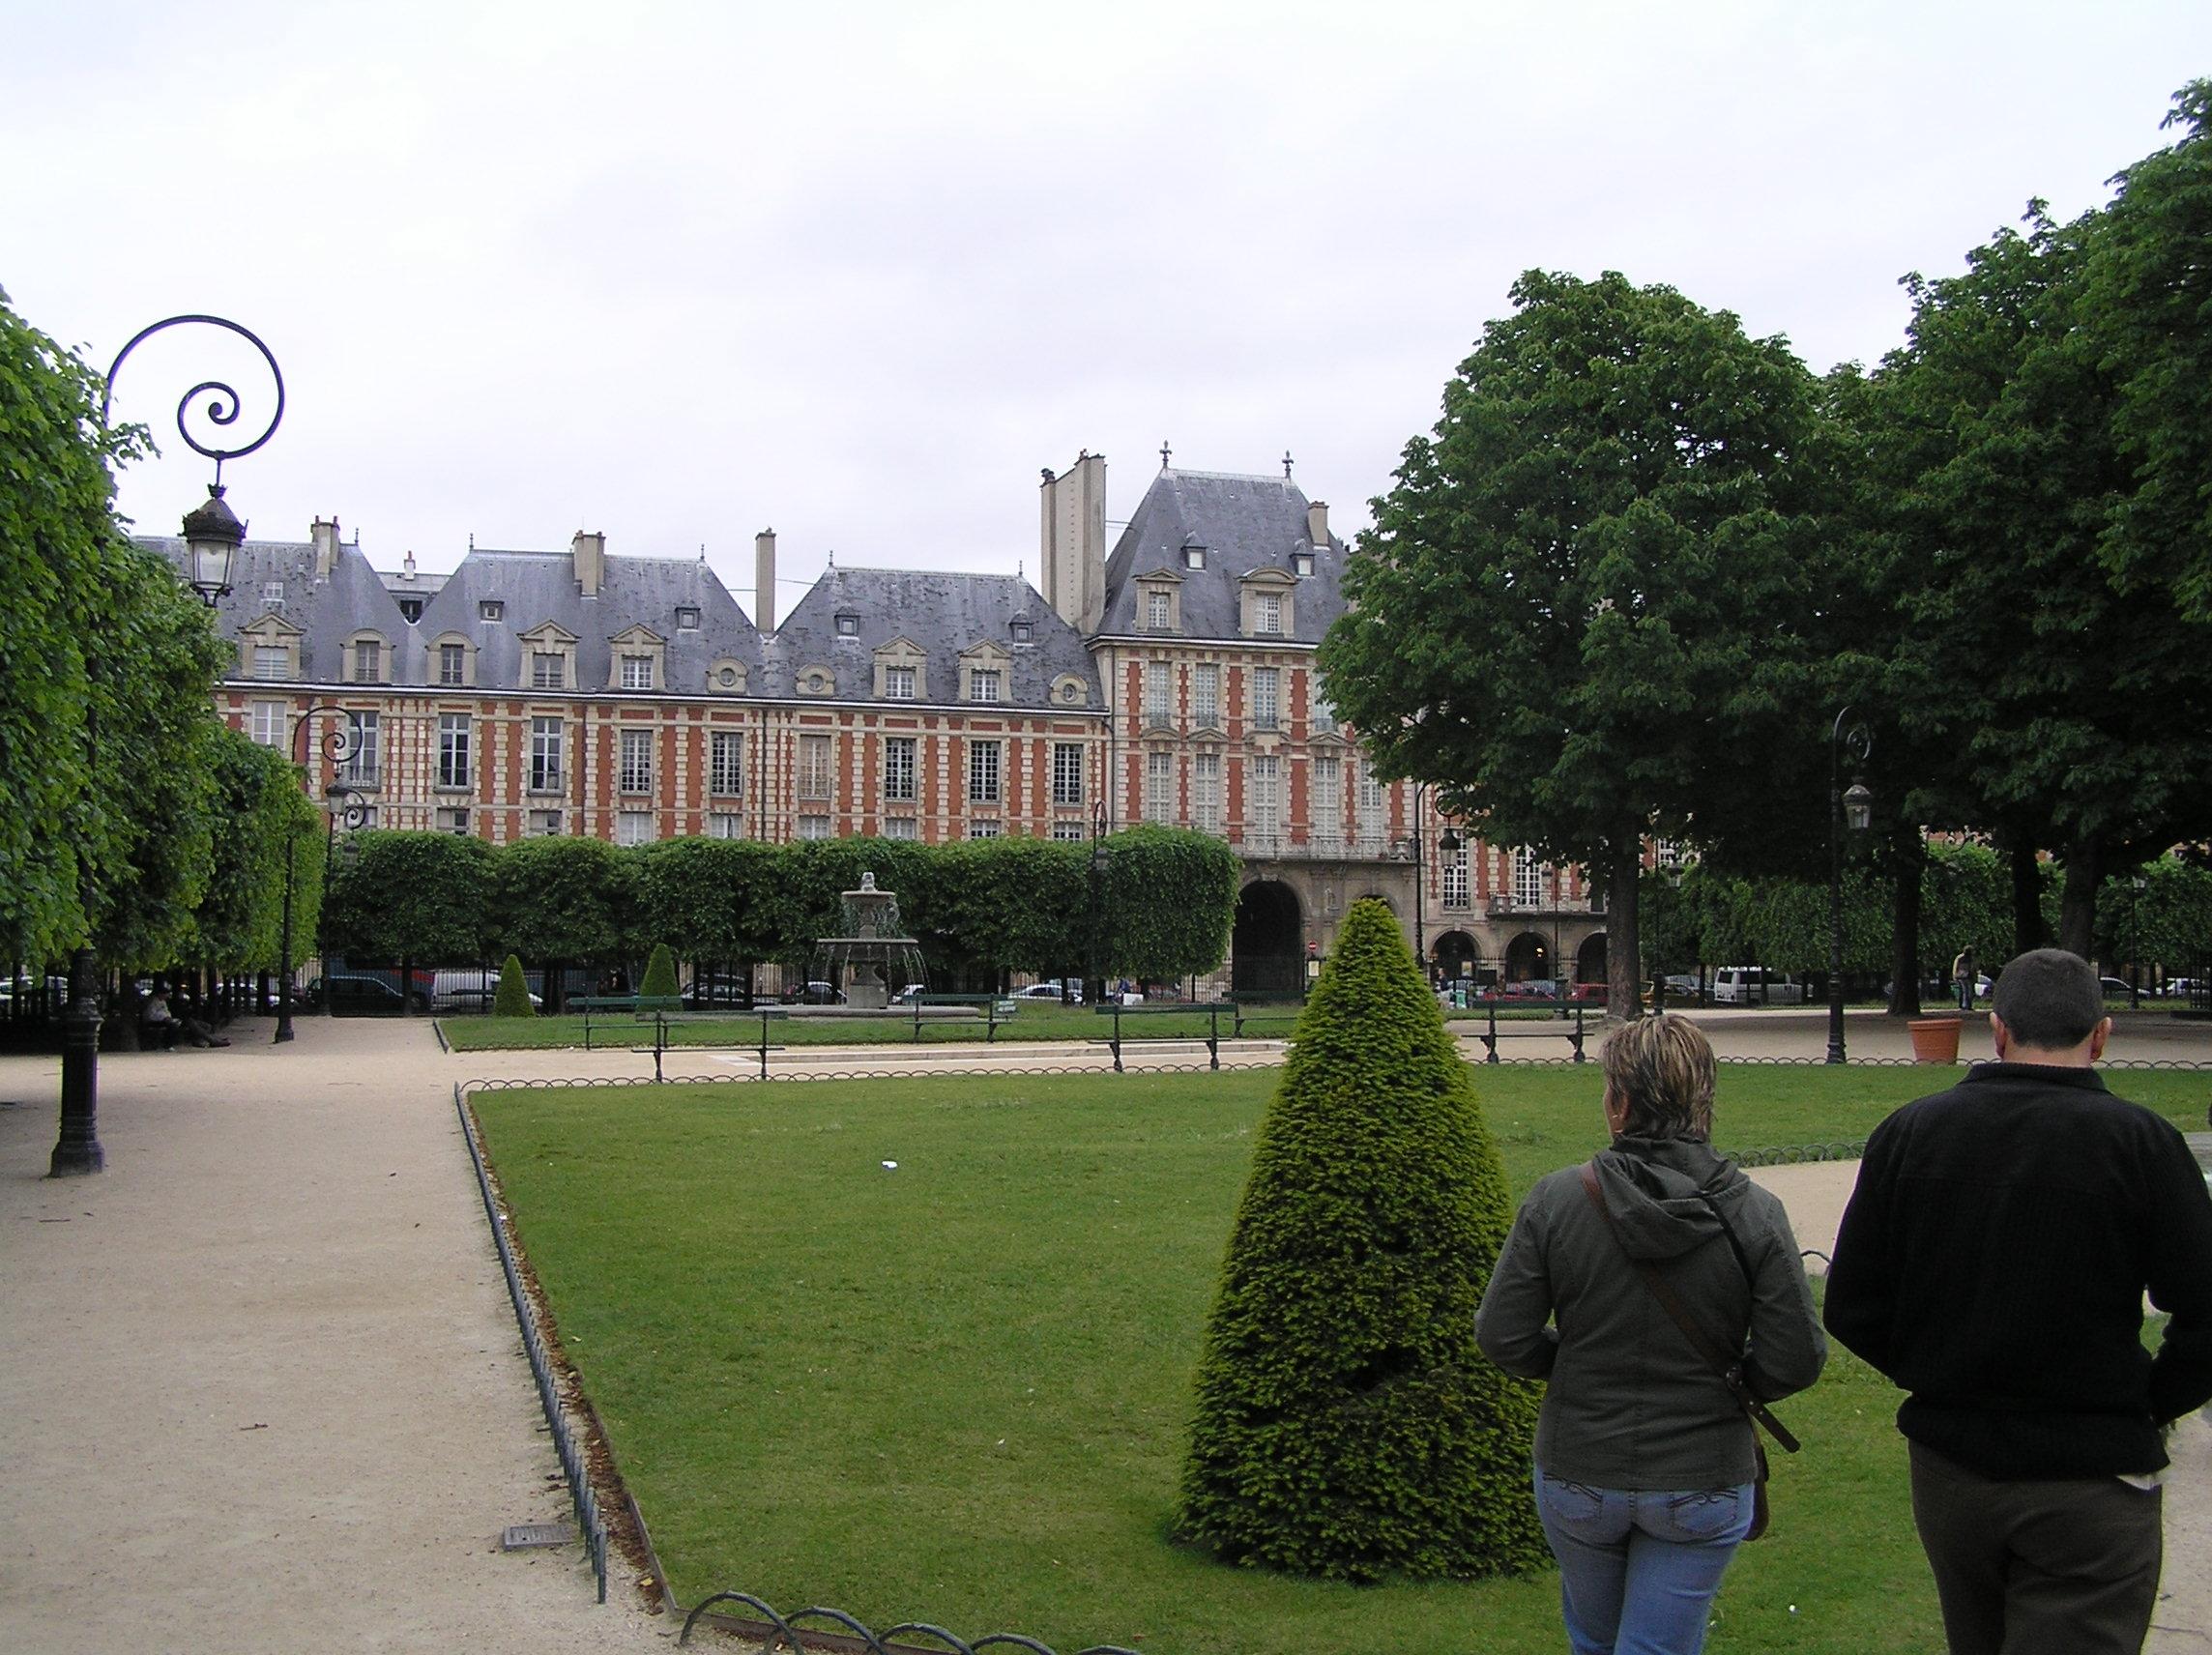 Francie, Paříž, Place de Vosges, vybudoval jej 1609 Jindřich IV., původně Place Royale